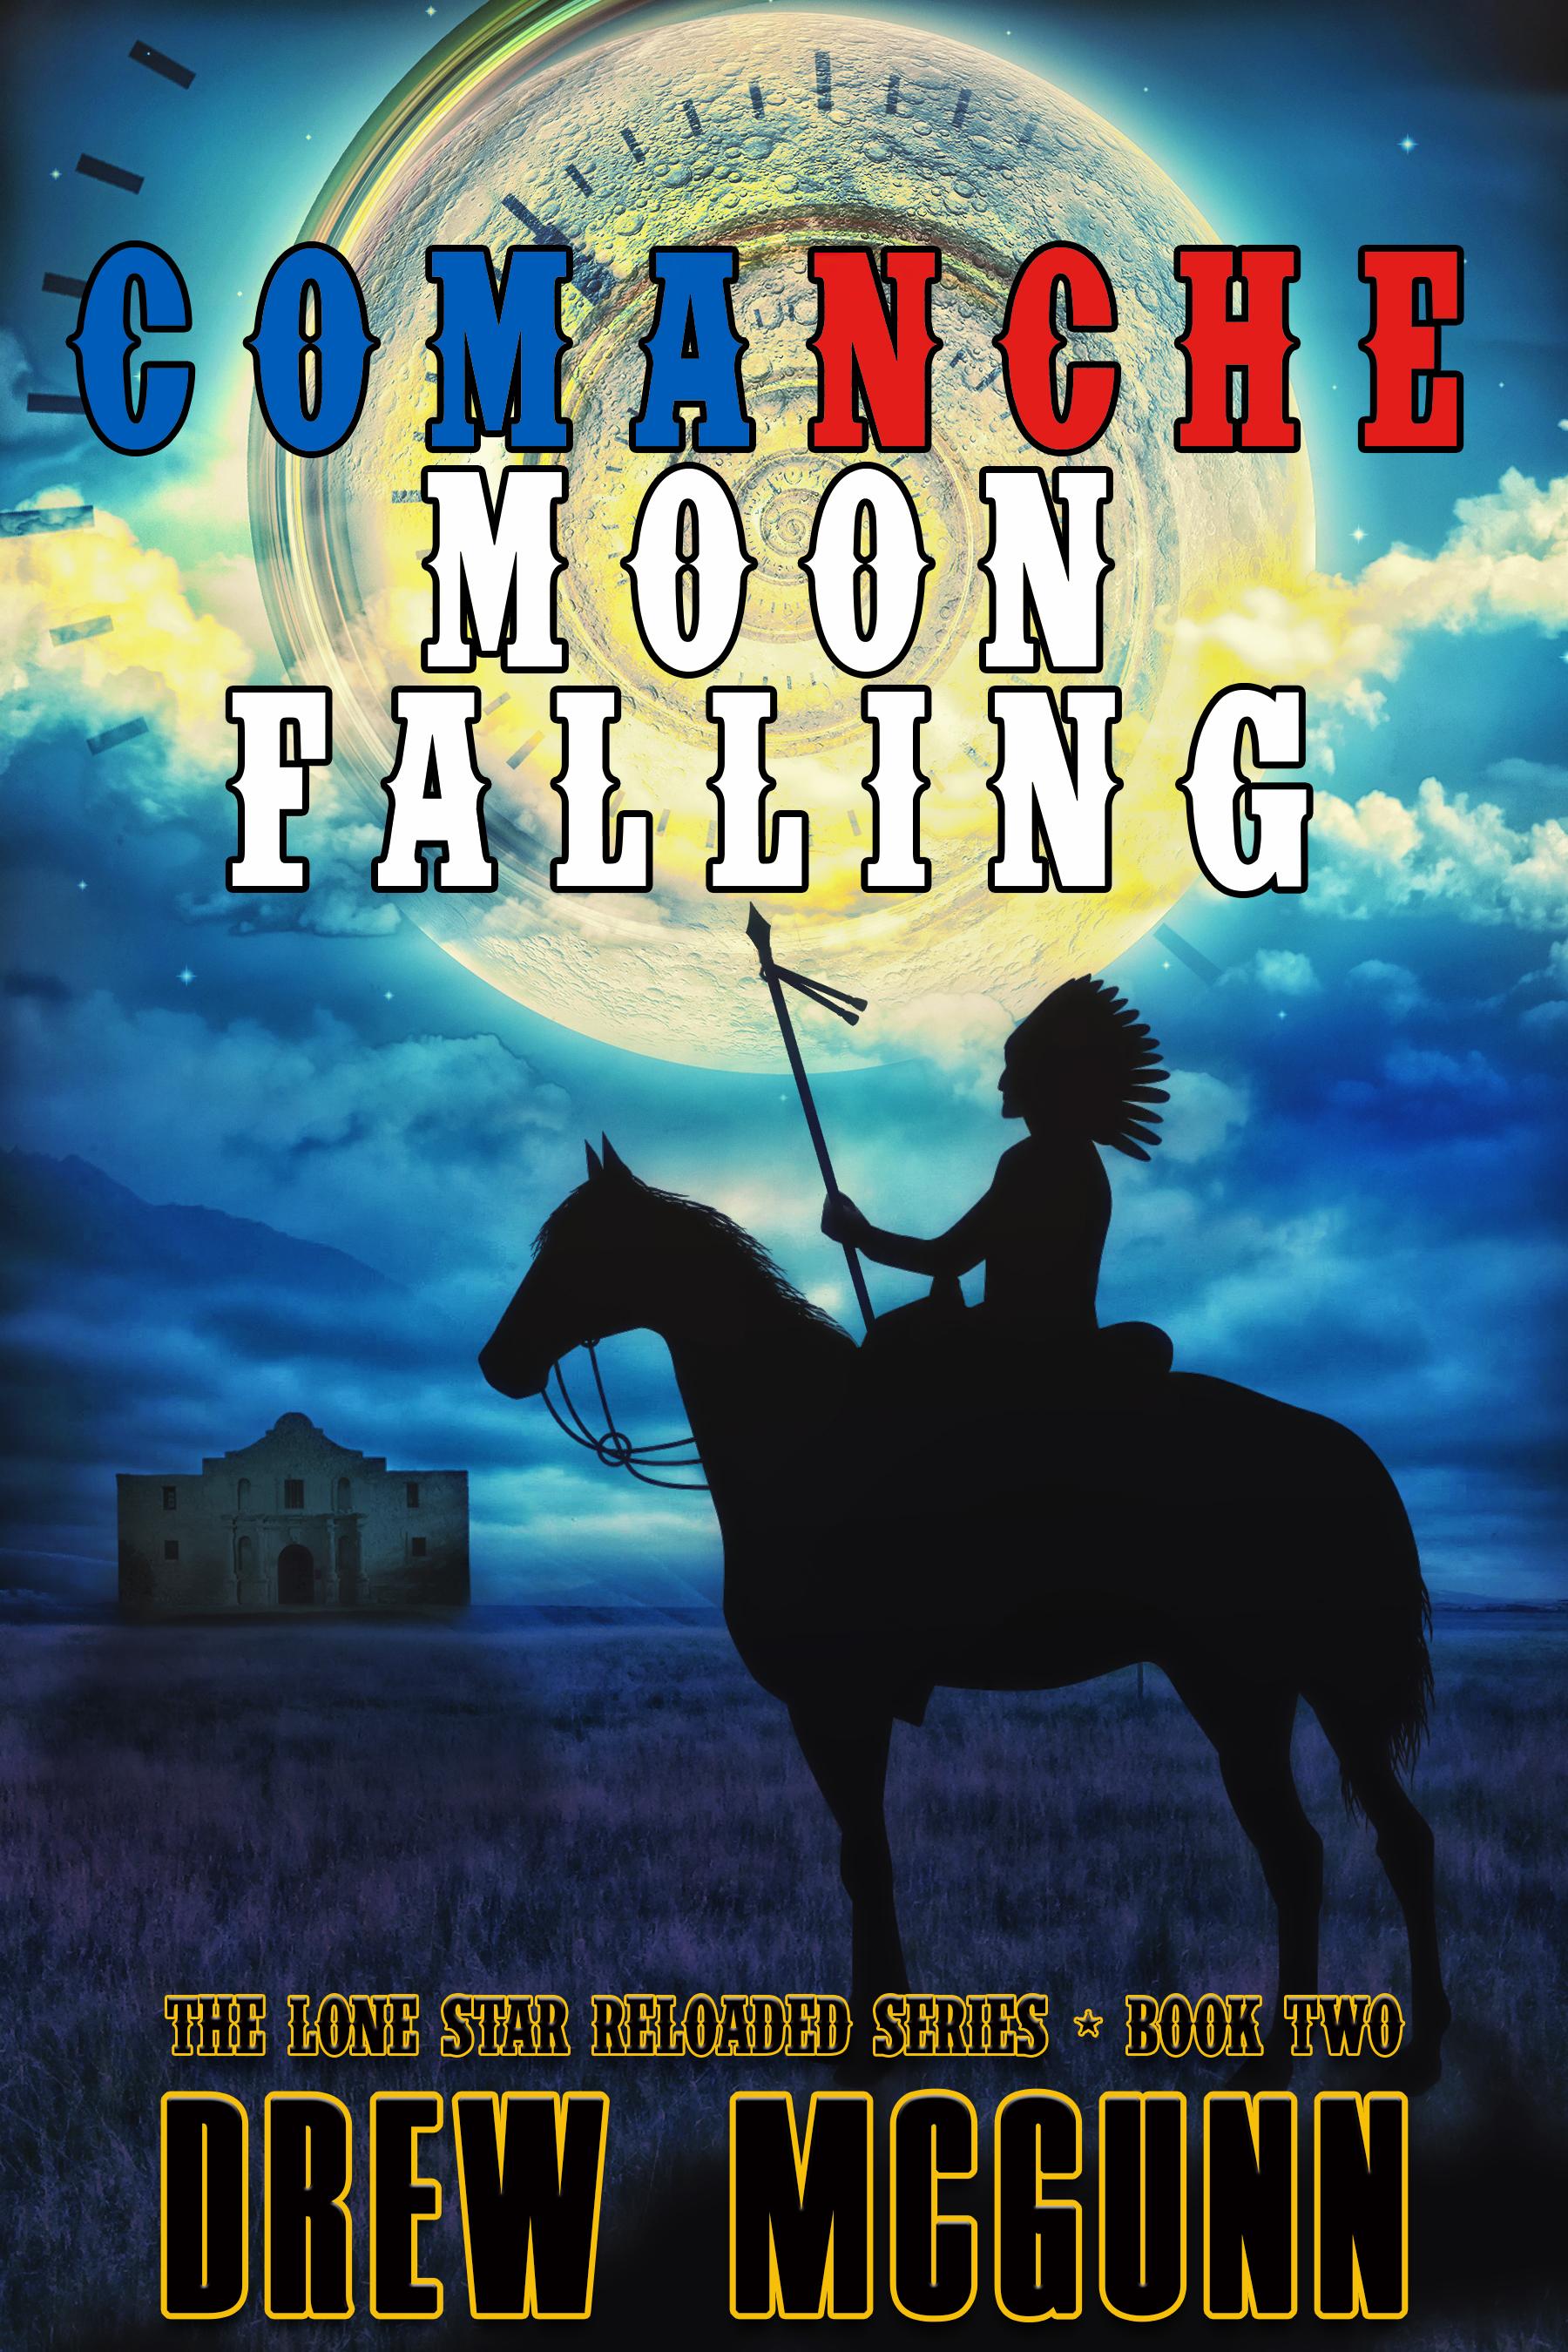 Comanche Moon Falling - Drew McGunn - off center.jpg